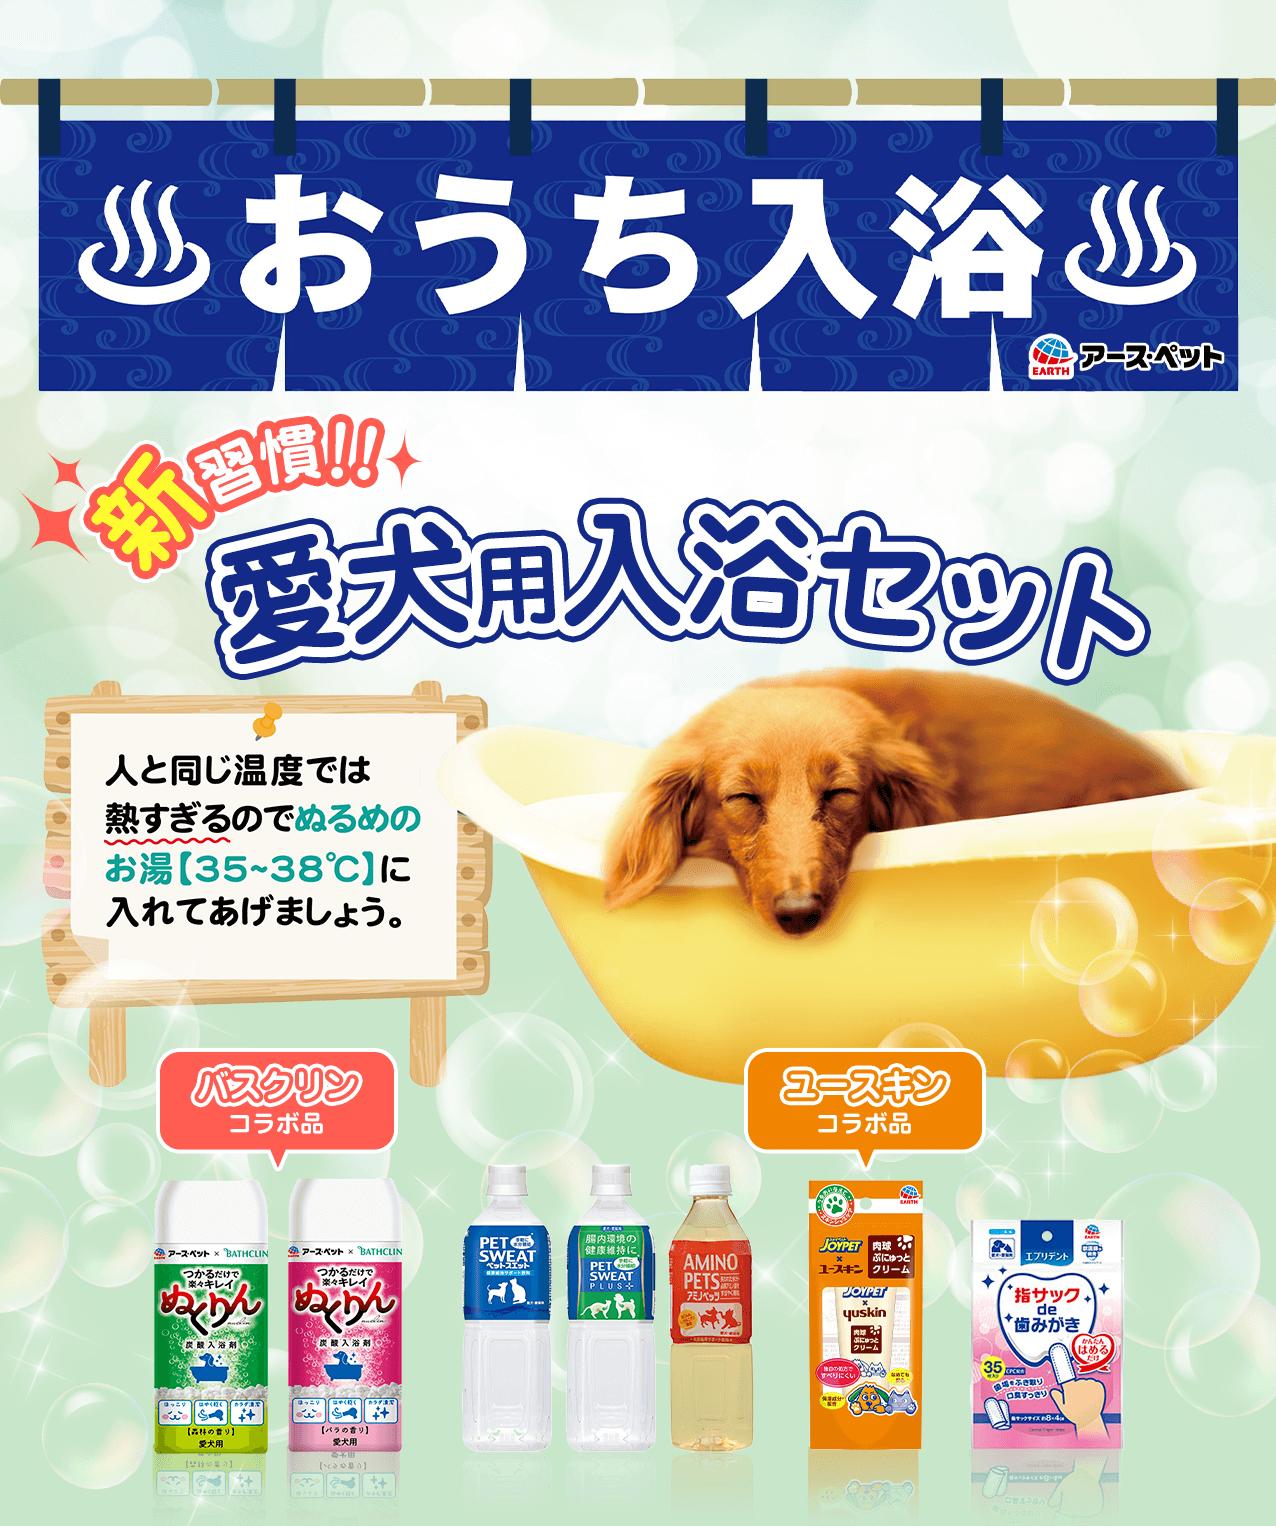 アース・ペット 新習慣!愛犬用入浴セット